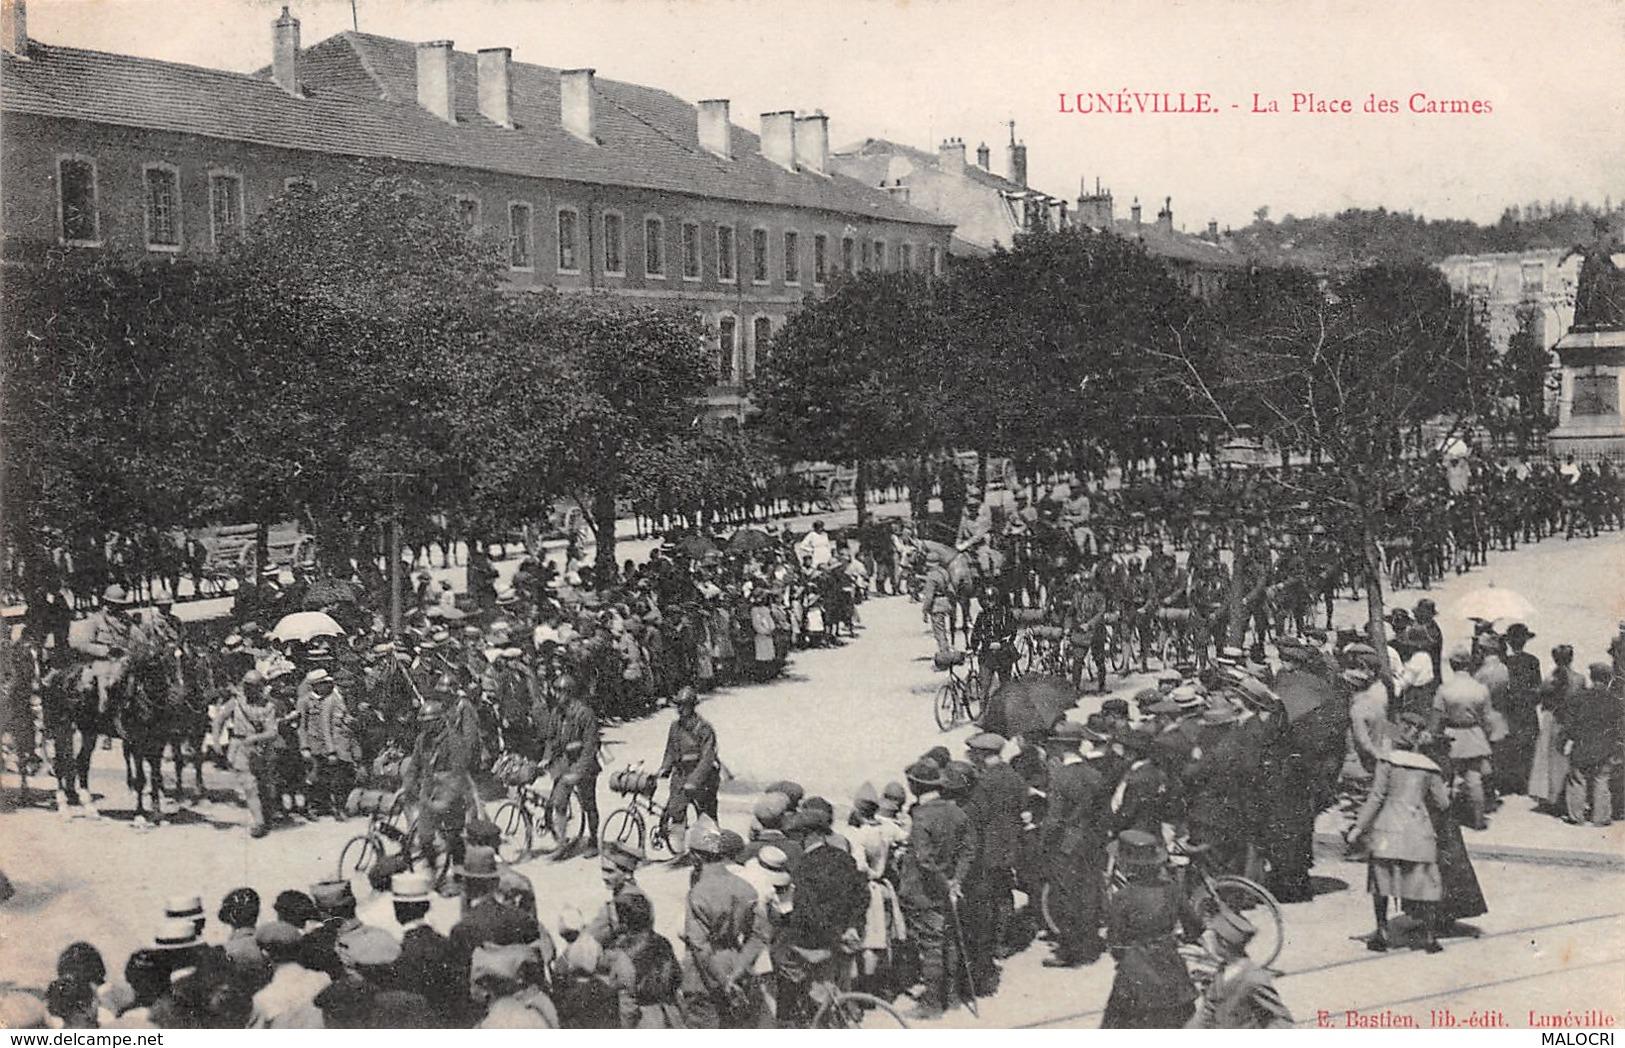 54-LUNEVILLE-N°1170-A/0377 - Luneville